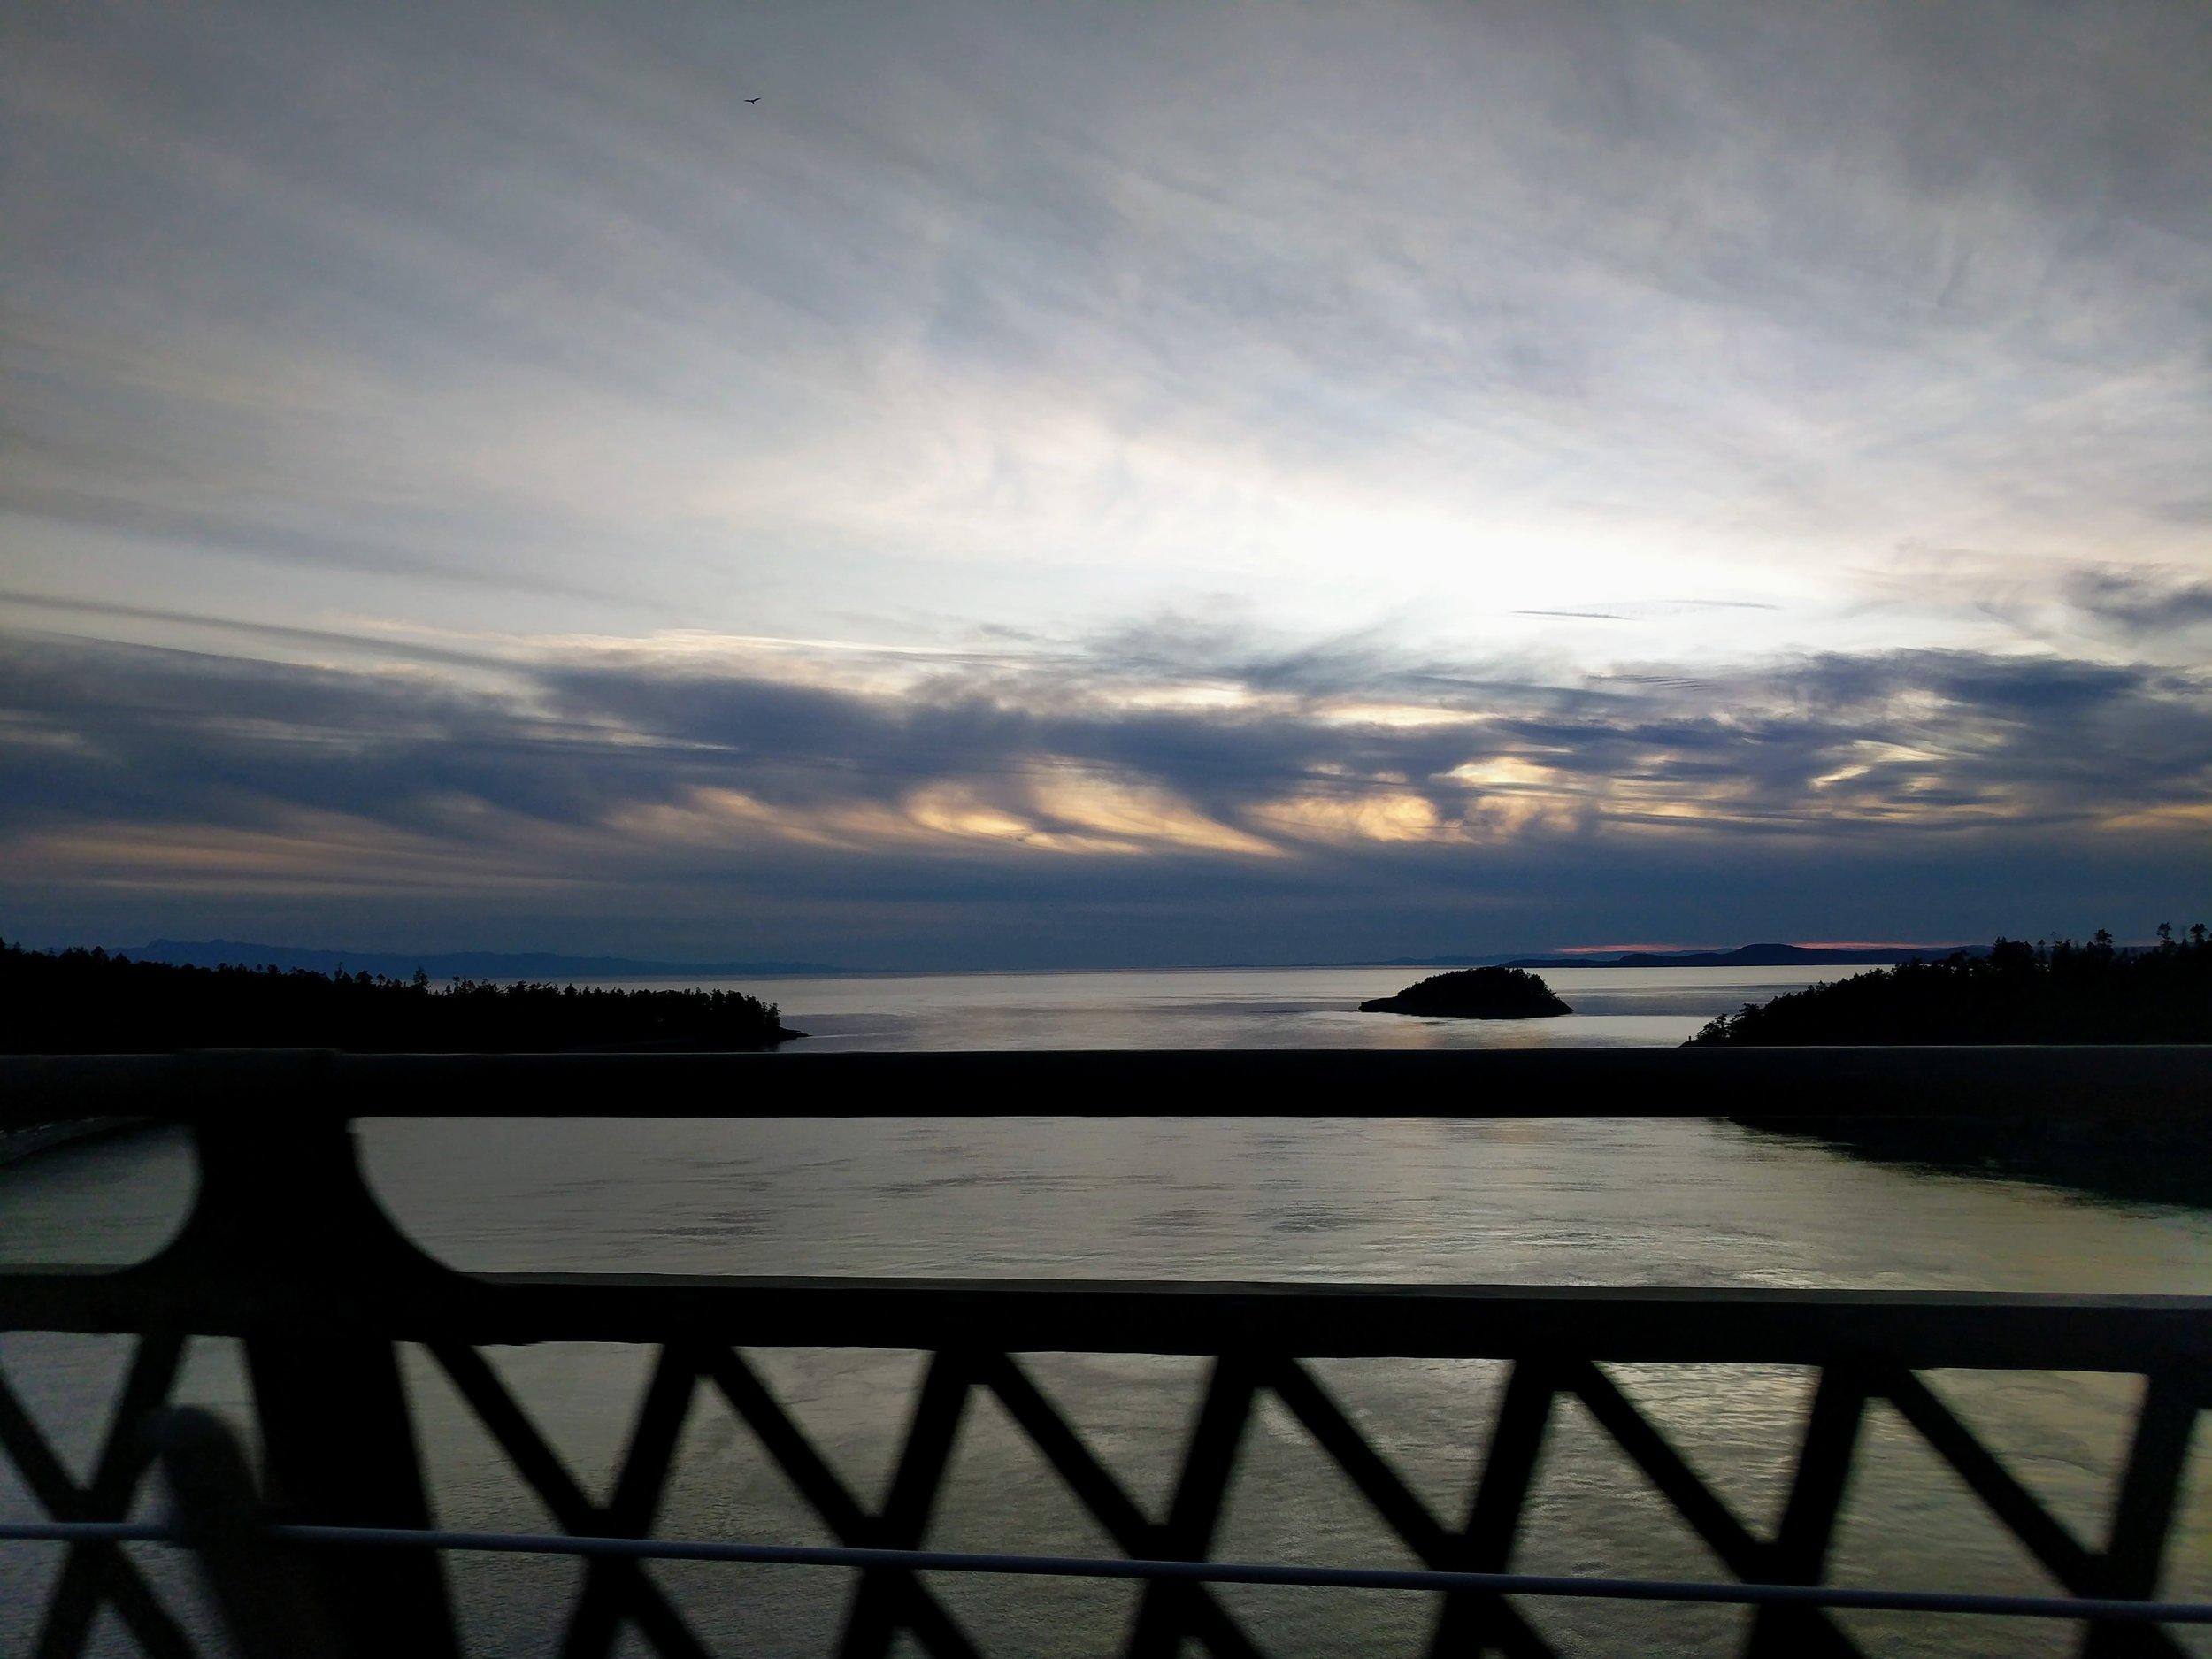 Sunset over Deception Pass